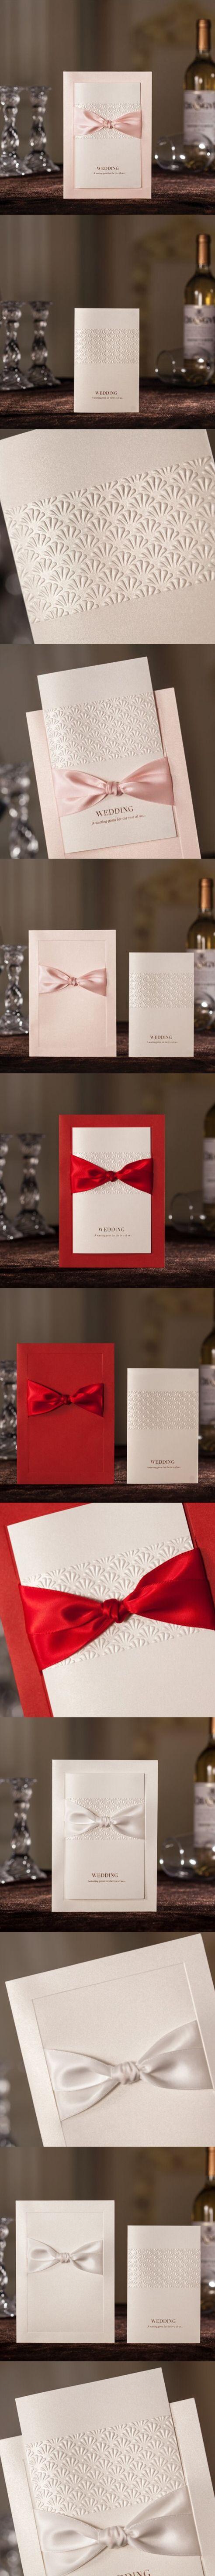 26 best Wedding Invitations images on Pinterest | Invitation ideas ...